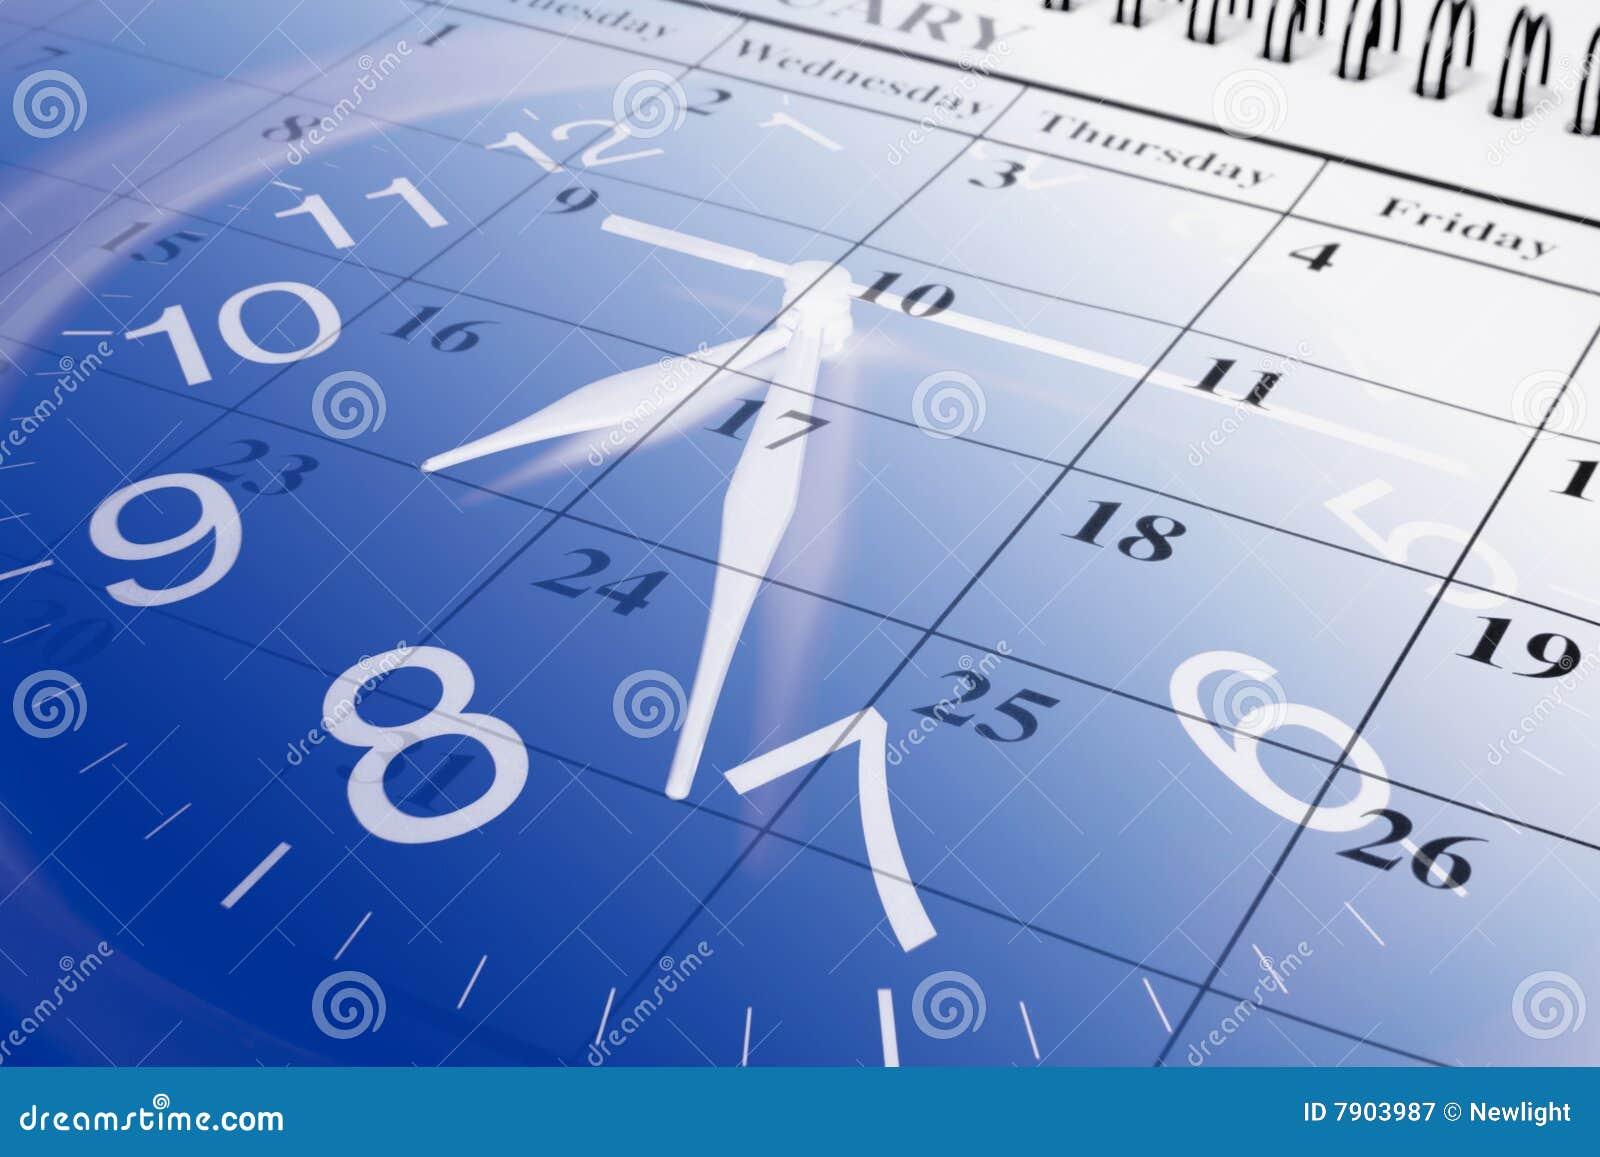 Kalender und Borduhr